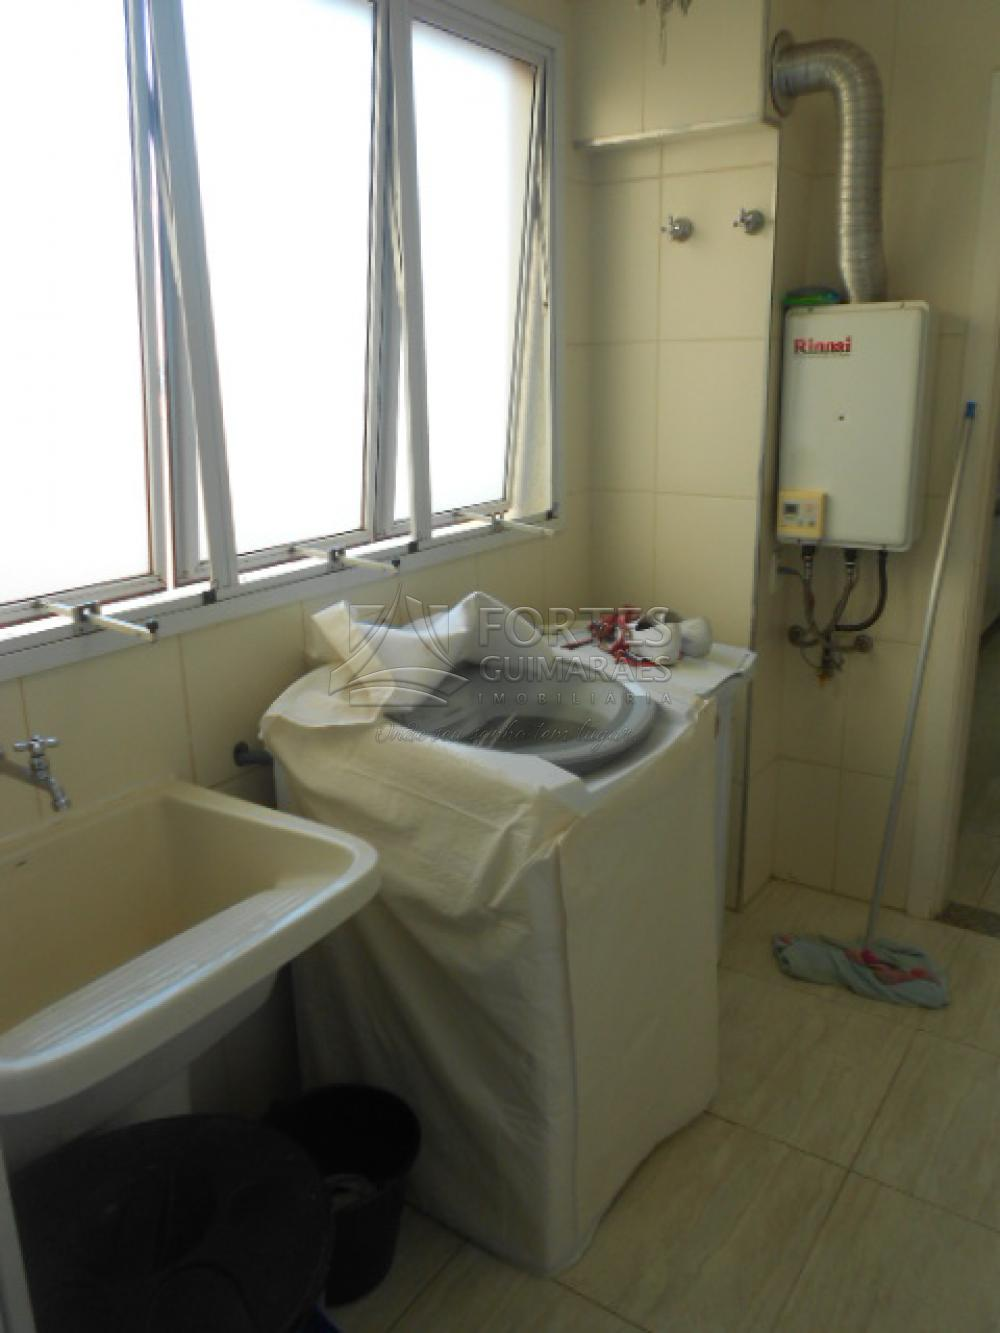 Alugar Apartamentos / Padrão em Ribeirão Preto apenas R$ 5.000,00 - Foto 57